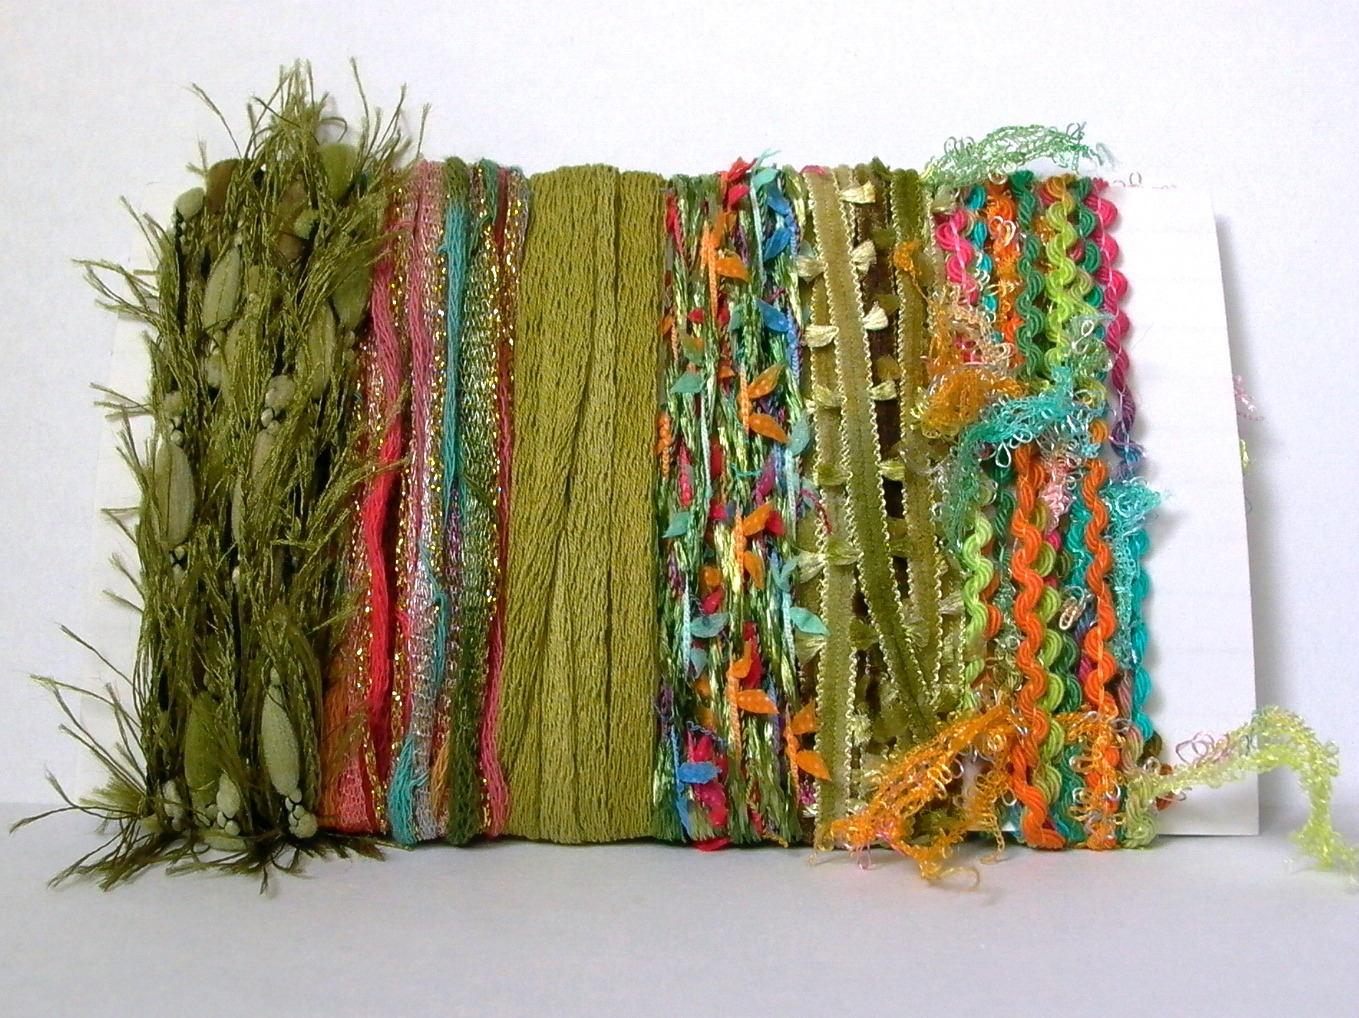 Yarn art color garden -  5 00